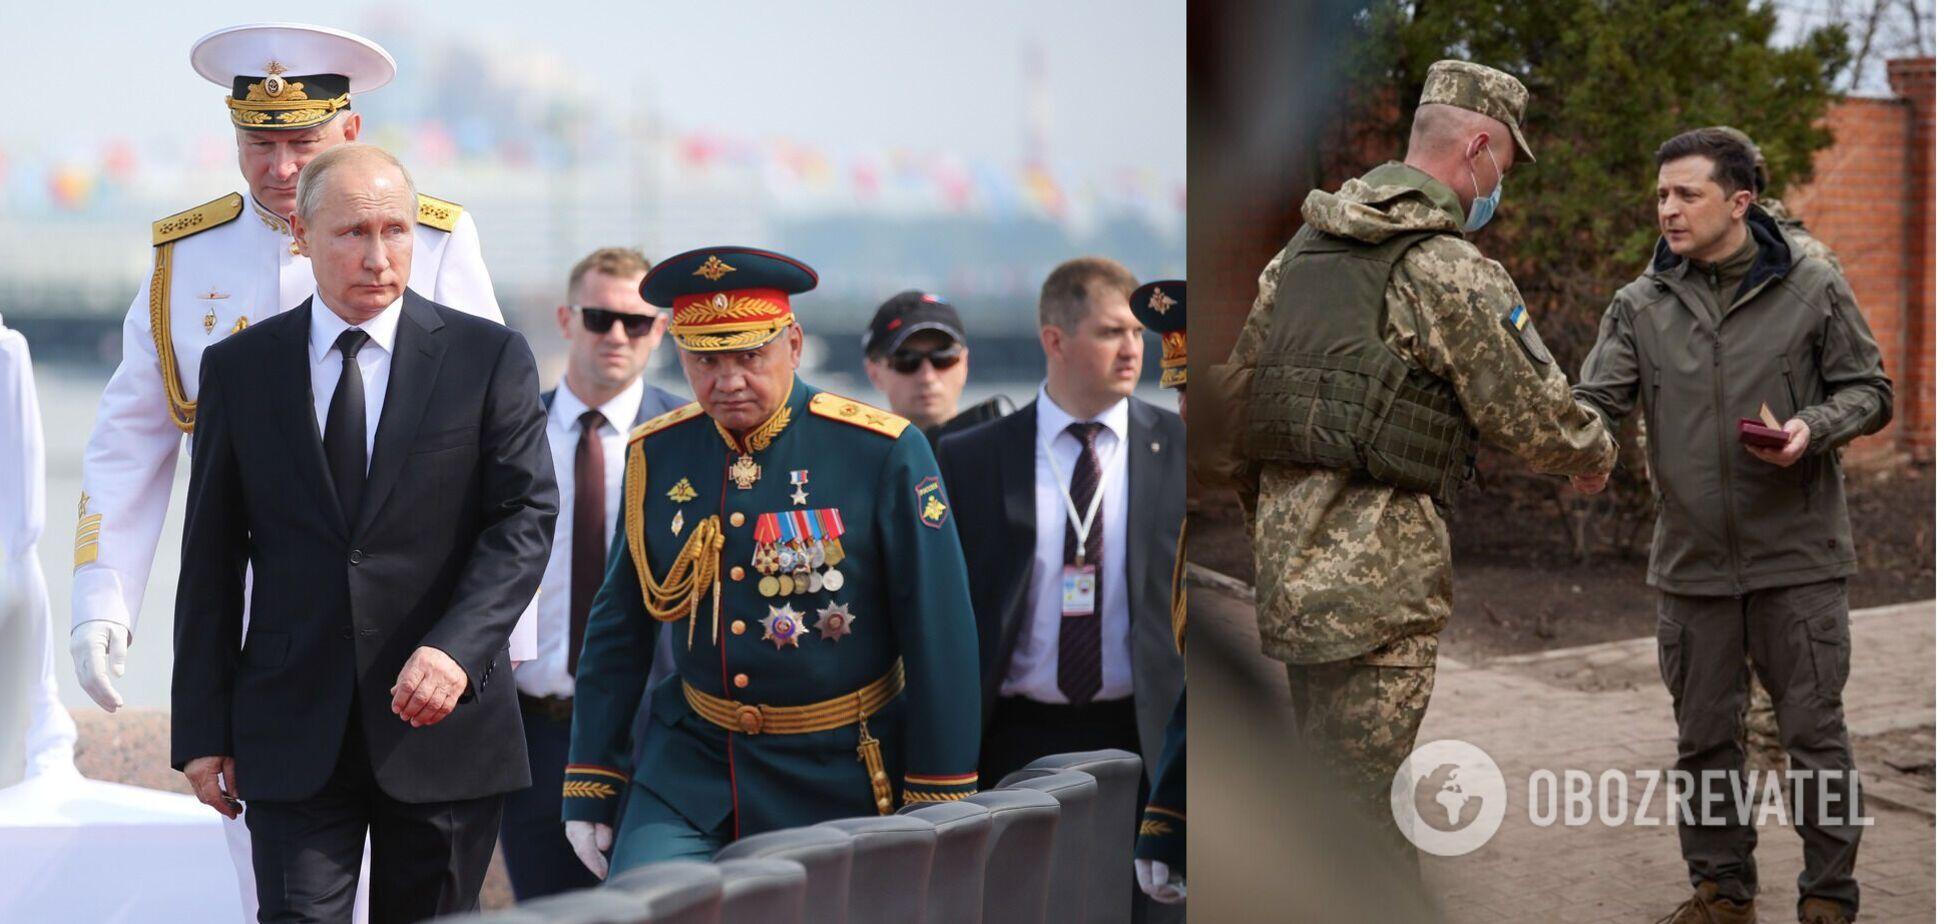 Встреча Зеленского и Путина на Донбассе: экс-глава МИД Украины назвал проблему